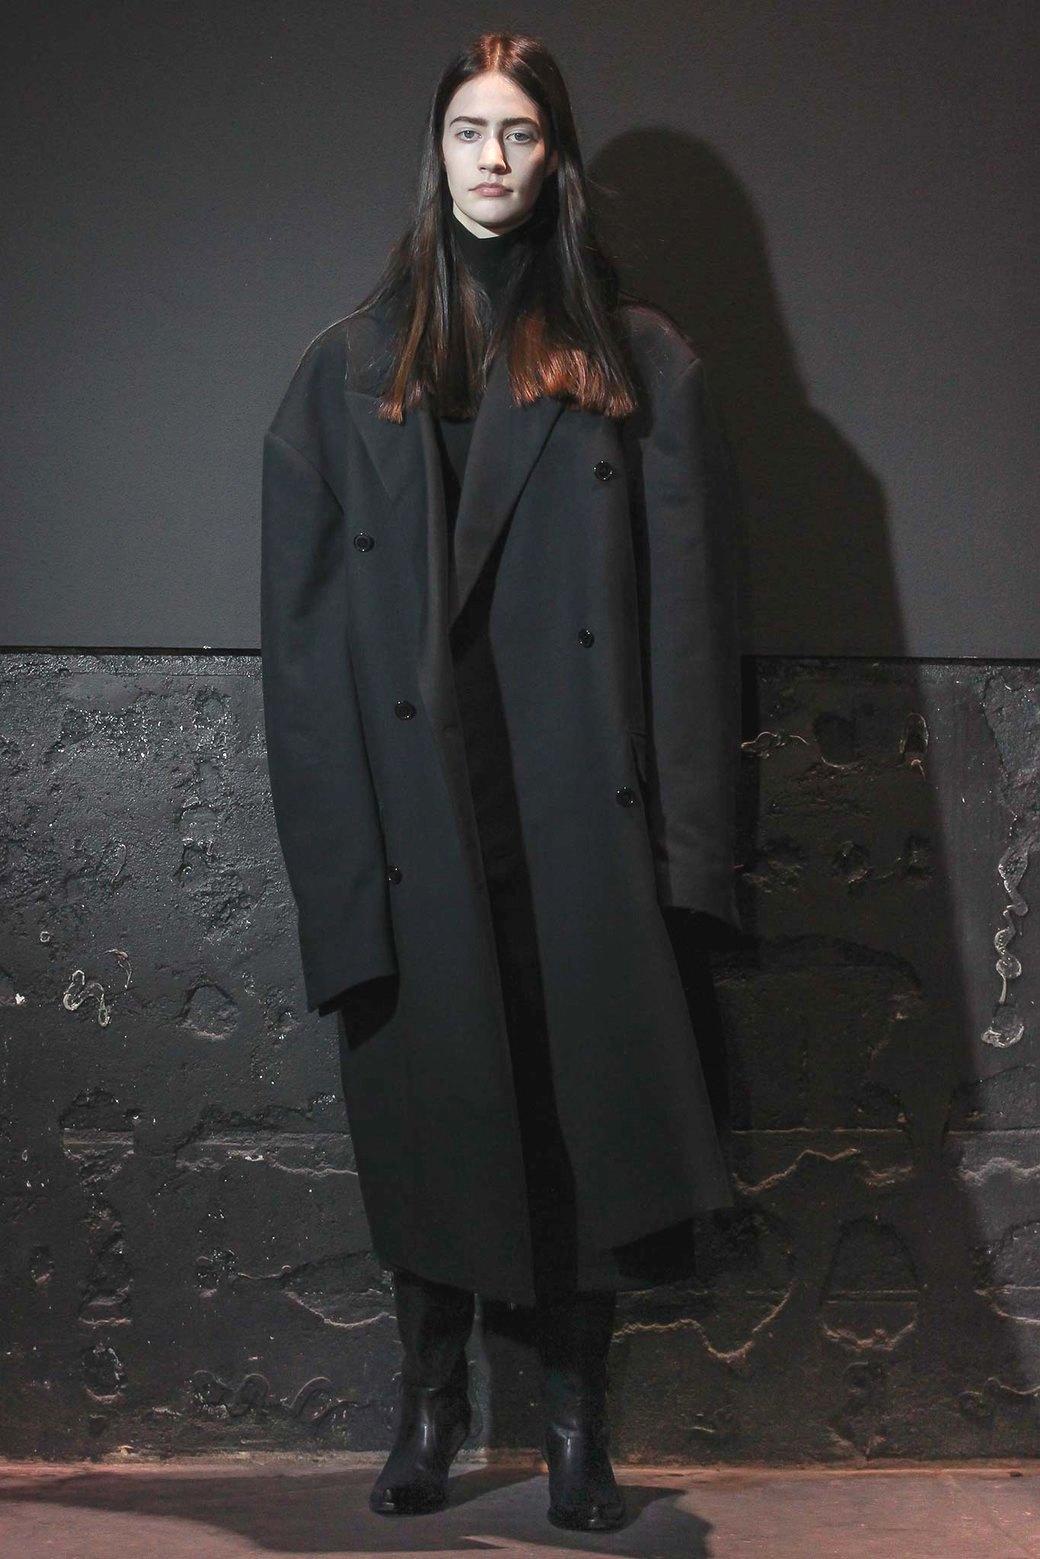 Гиперсайз: Мода для тех, кому не важен размер одежды. Изображение № 8.